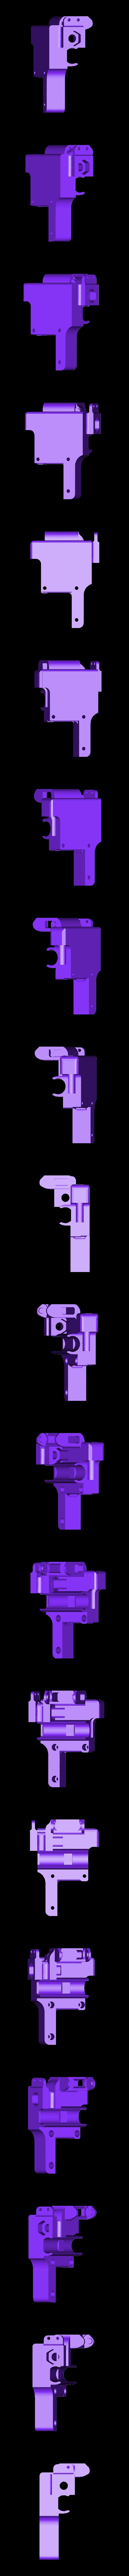 AiO_Motor_End.stl Télécharger fichier STL gratuit Côté moteur AiO - Axe X M8 • Design à imprimer en 3D, indigo4